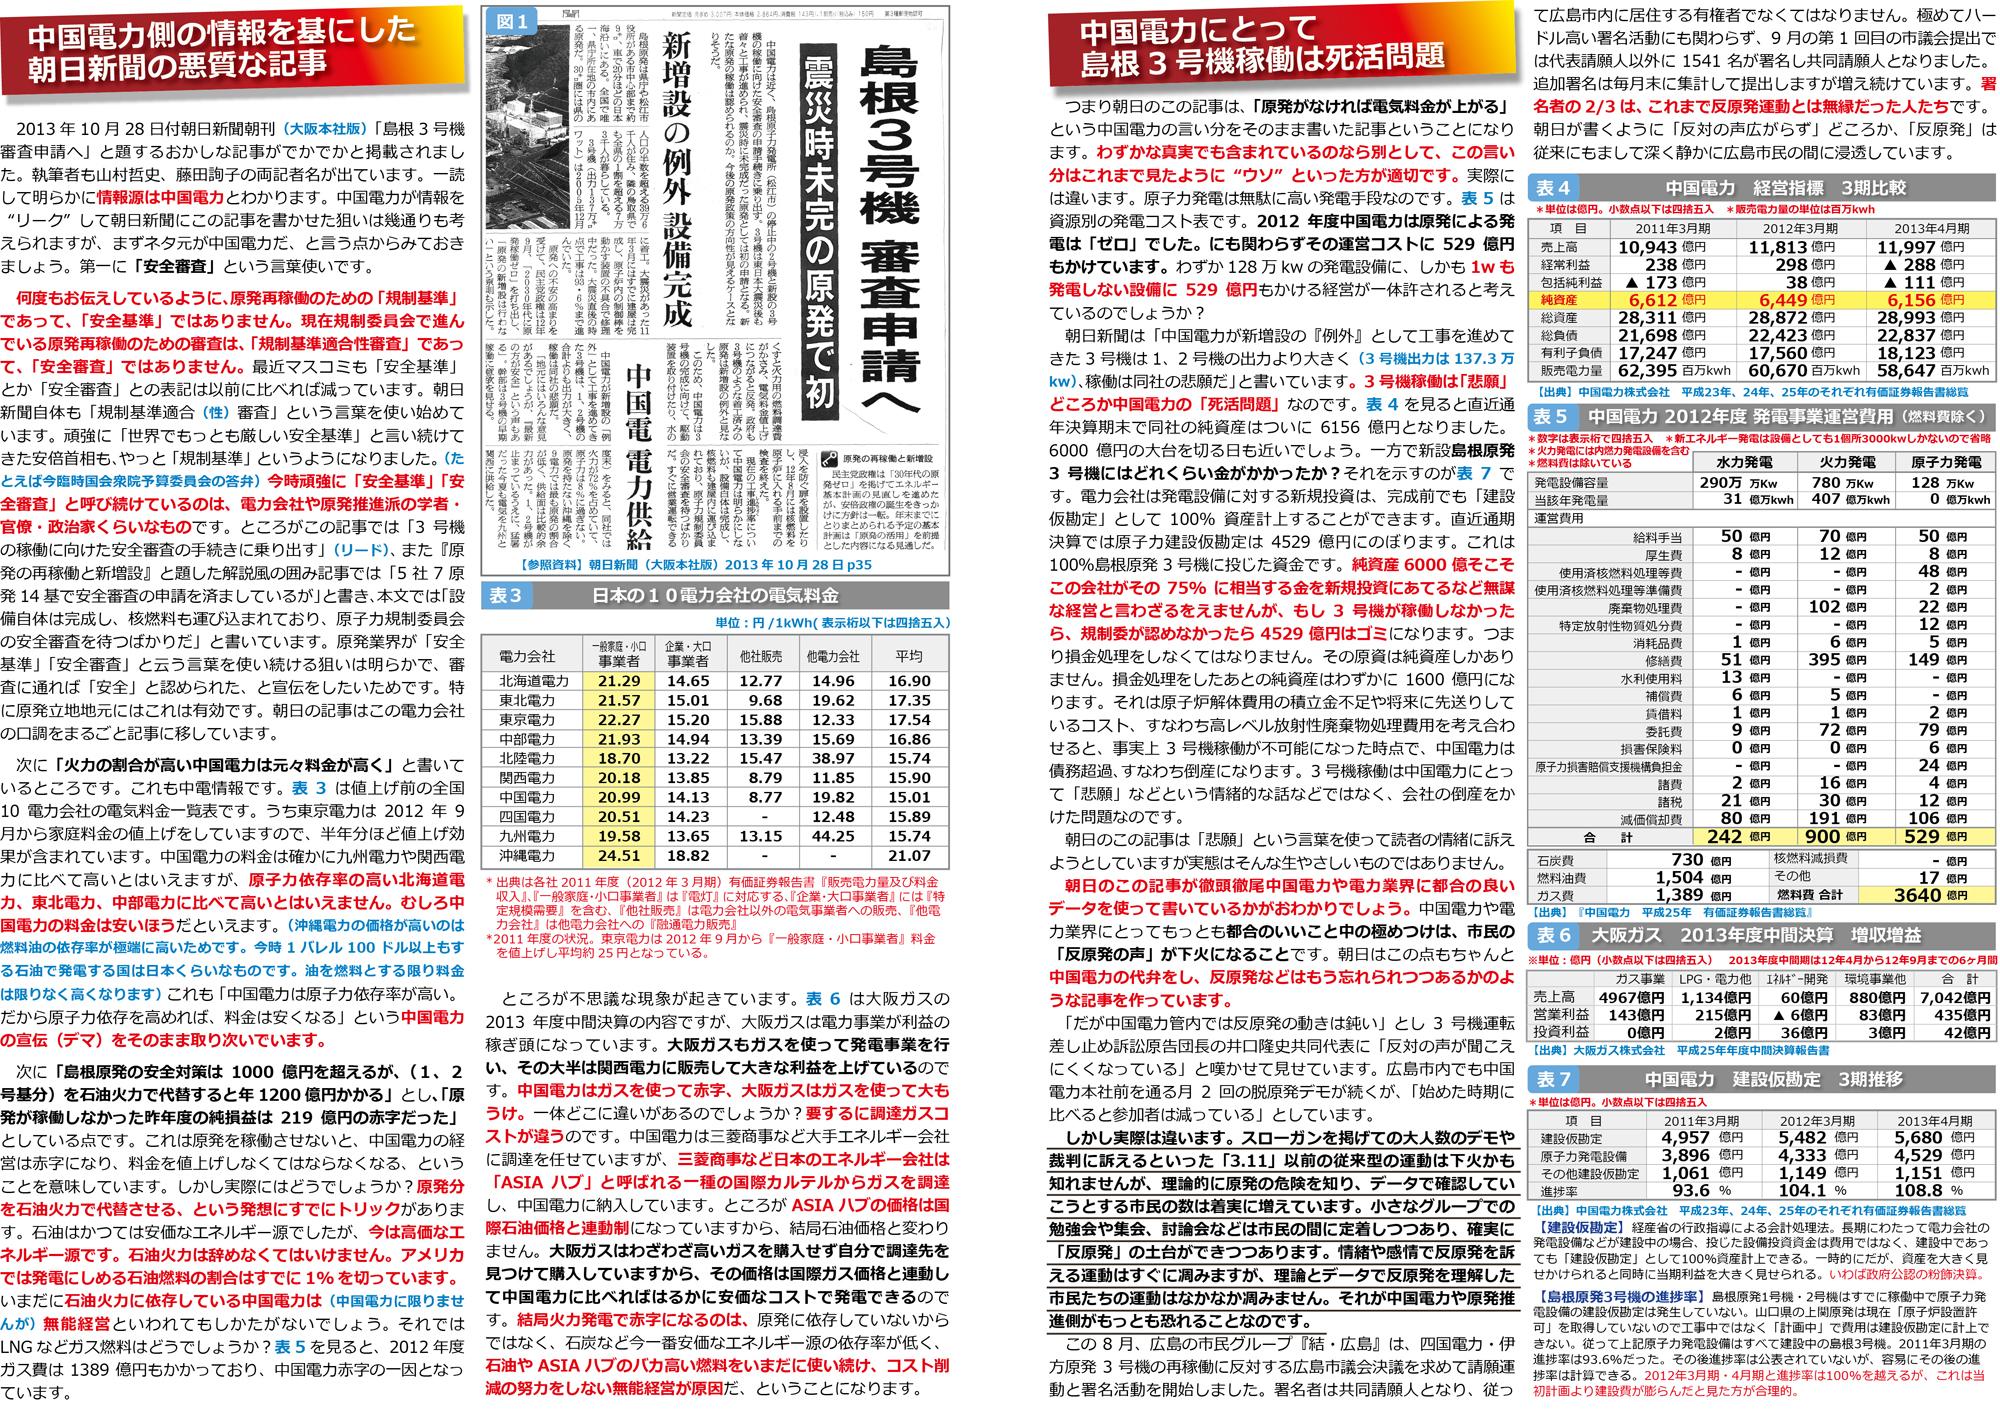 ファイル 216-2.jpg